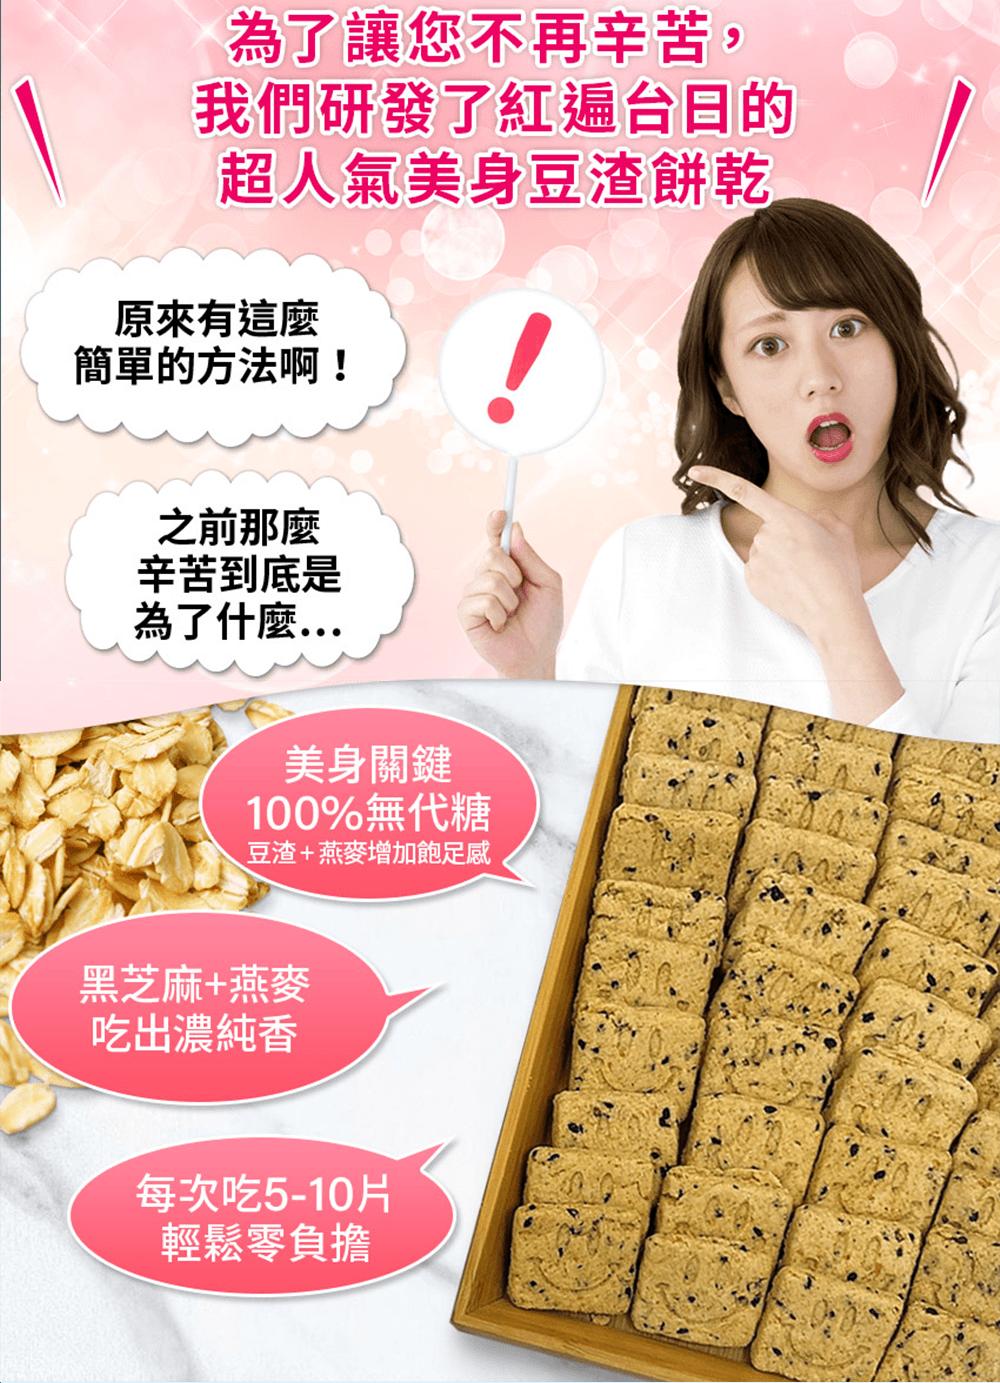 【Guilt FREE SWEETS】【銷售破百萬】日本超人氣美身豆渣餅乾60片裝(添加燕麥)-新裝上市 7